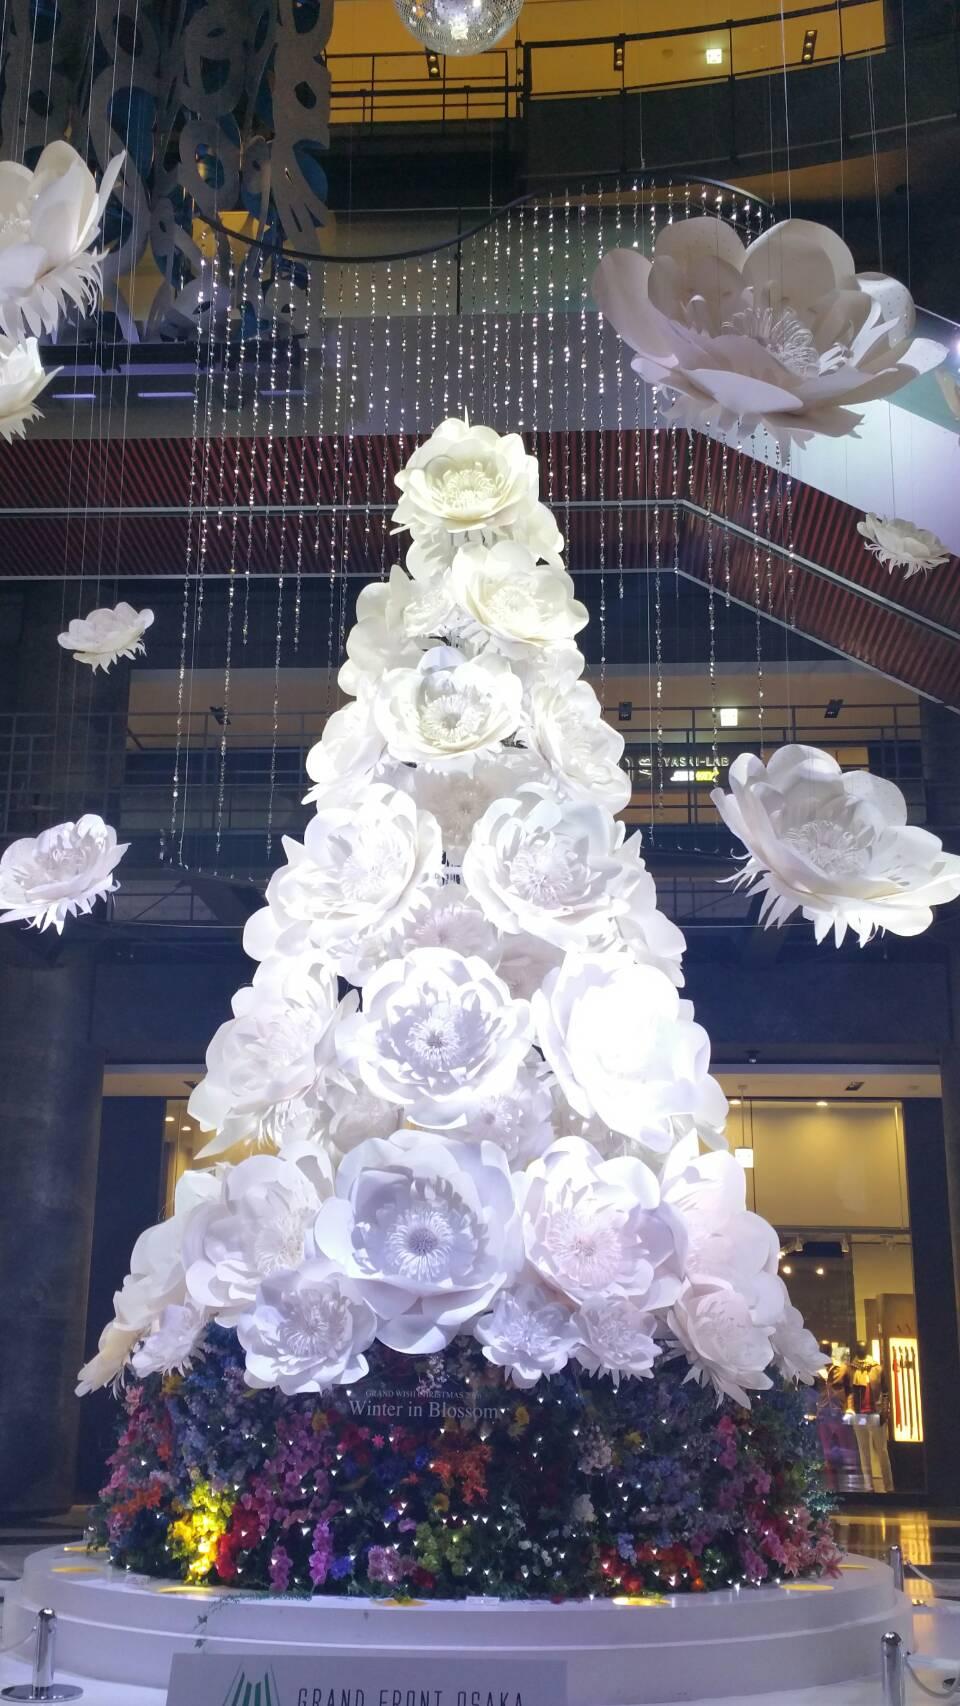 ナチュラルセラピースクールEarthのクリスマスツリー